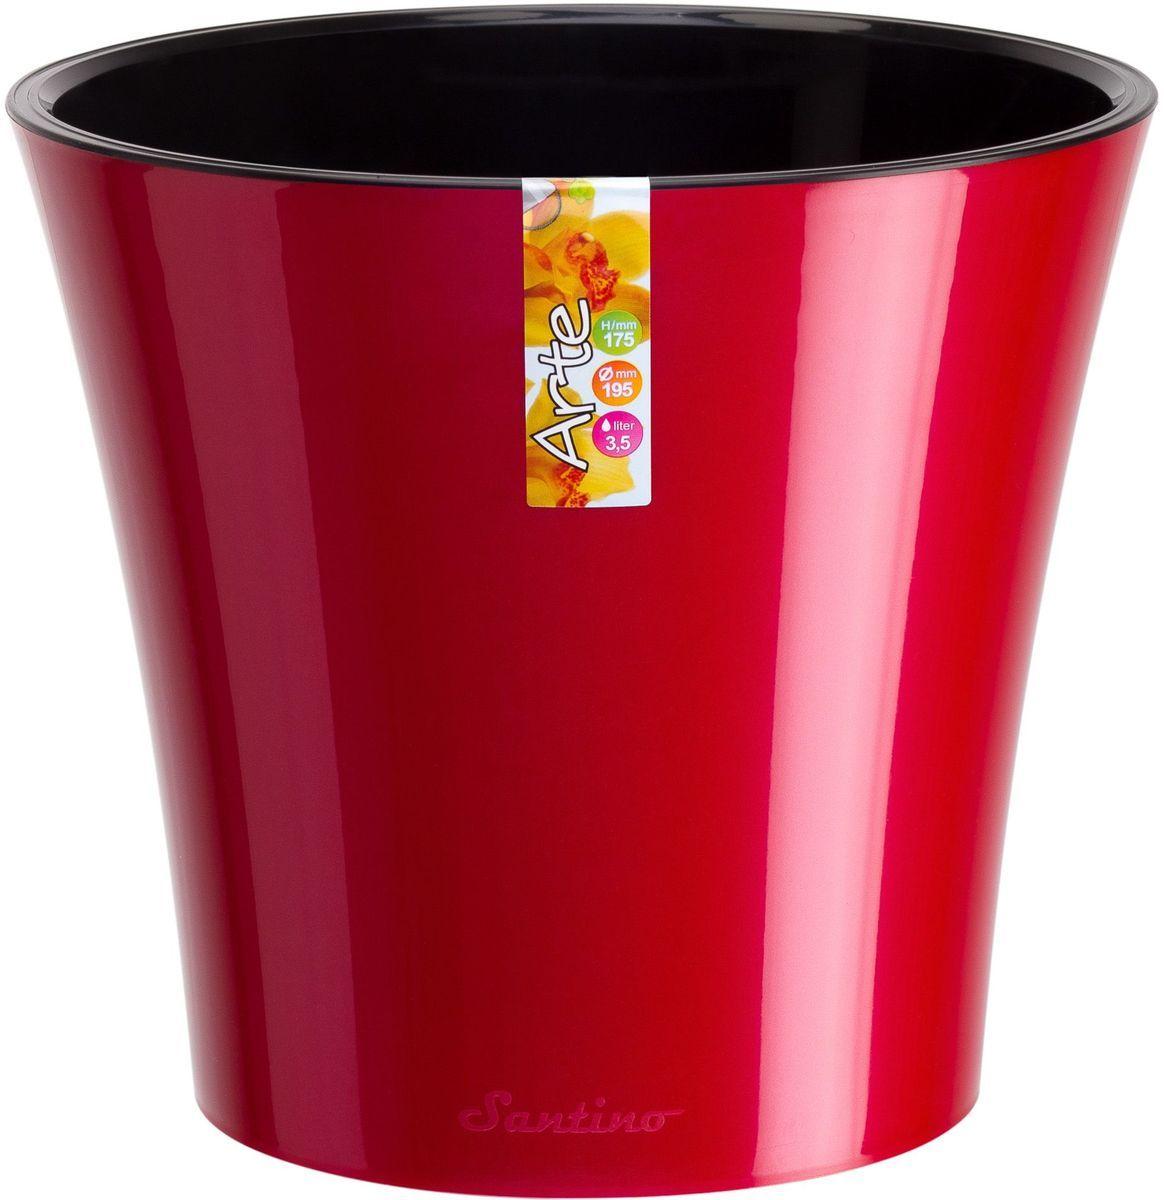 Горшок цветочный Santino Арте, двойной, с системой автополива, цвет: красный, черный, 5 л531-106Горшок цветочный Santino Арте снабжен дренажной системой и состоит из кашпо и вазона-вкладыша. Изготовлен из пластика. Особенность: тарелочка или блюдце не нужны. Горшок предназначен для любых растений или цветов. Цветочный дренаж – это система, которая позволяет выводить лишнюю влагу через корневую систему цветка и слой почвы. Растение – это живой организм, следовательно, ему необходимо дышать. В доступе к кислороду нуждаются все части растения: -листья; -корневая система. Если цветовод по какой-либо причине зальет цветок водой, то она буквально вытеснит из почвенного слоя все пузырьки кислорода. Анаэробная среда способствует развитию различного рода бактерий. Безвоздушная среда приводит к загниванию корневой системы, цветок в результате увядает. Суть работы дренажной системы заключается в том, чтобы осуществлять отвод лишней влаги от растения и давать возможность корневой системе дышать без проблем. Следовательно, каждому цветку необходимо: -иметь в основании цветочного горшочка хотя бы одно небольшое дренажное отверстие. Оно необходимо для того, чтобы через него выходила лишняя вода, плюс ко всему это отверстие дает возможность циркулировать воздух. -на самом дне горшка необходимо выложить слоем в 2-5 см (зависит от вида растения) дренаж.УВАЖАЕМЫЕ КЛИЕНТЫ!Обращаем ваше внимание на тот факт, что фото изделия служит для визуального восприятия товара. Литраж и размеры, представленные на этикетке товара, могут по факту отличаться от реальных. Корректные данные в поле Размеры.